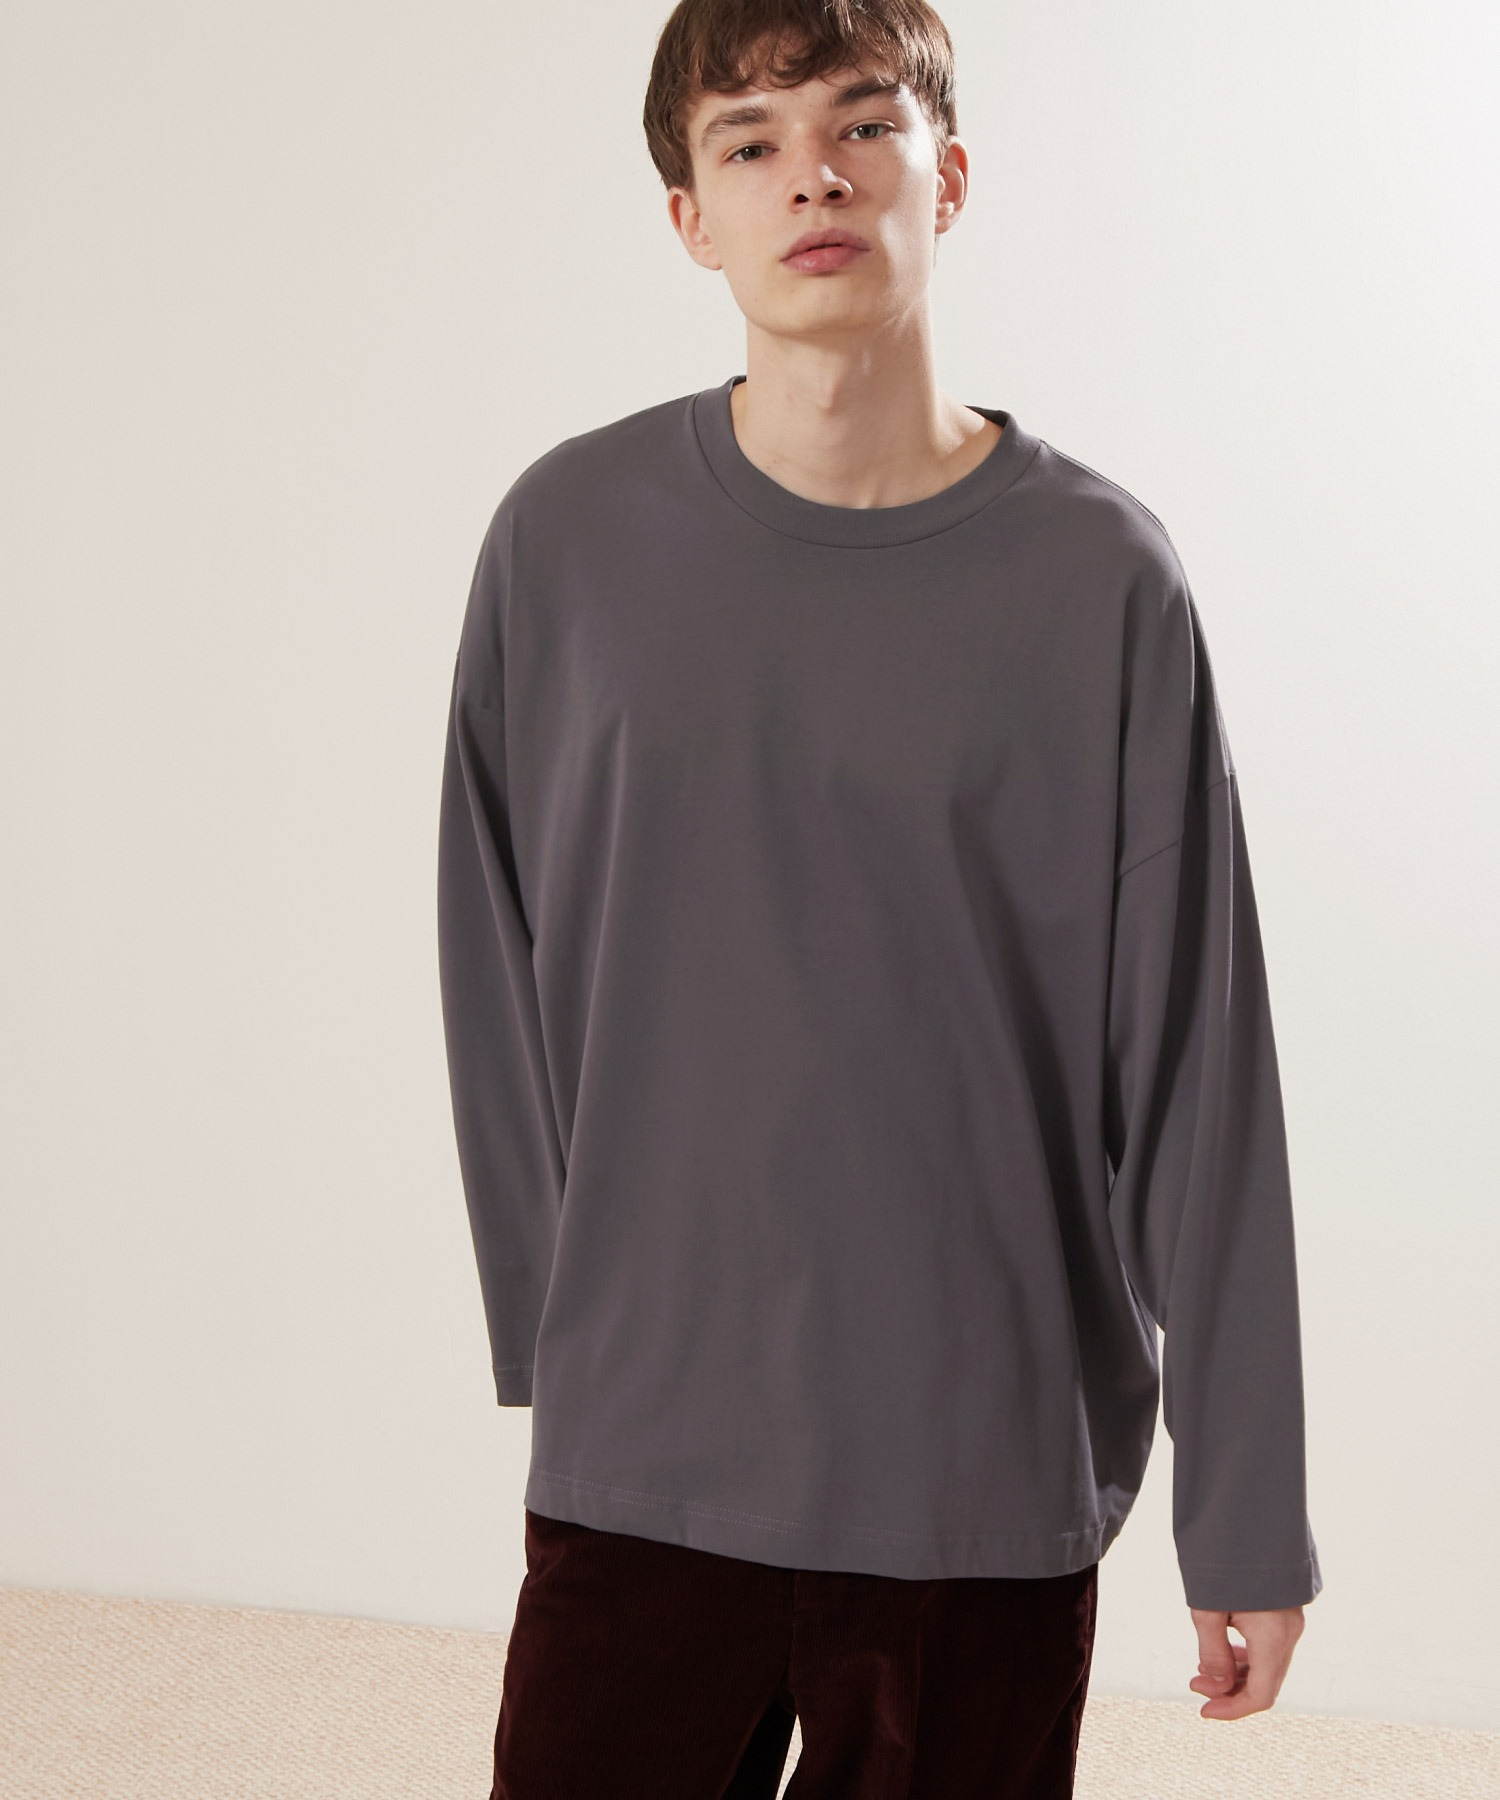 シルケットライク天竺 ワイドスリーブ L/S カットソー EMMA CLOTHES 2021SPRING